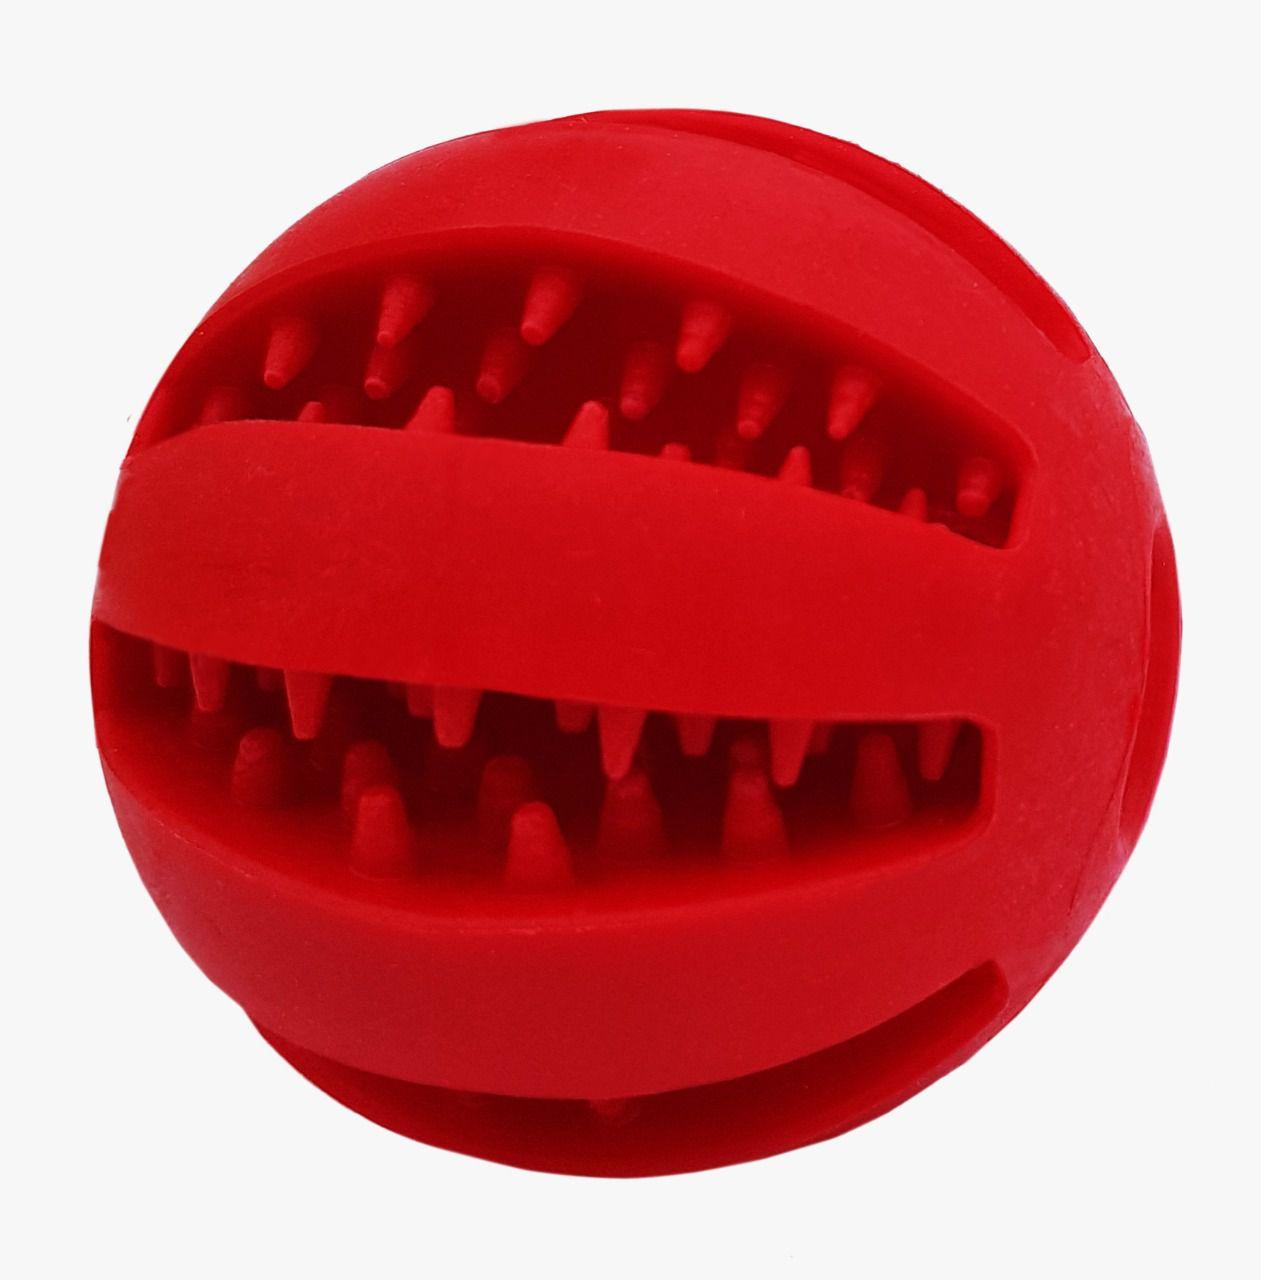 Bola Interativa Porta-Ração AttivaBall para Cães e Gatos 6cm Vermelha